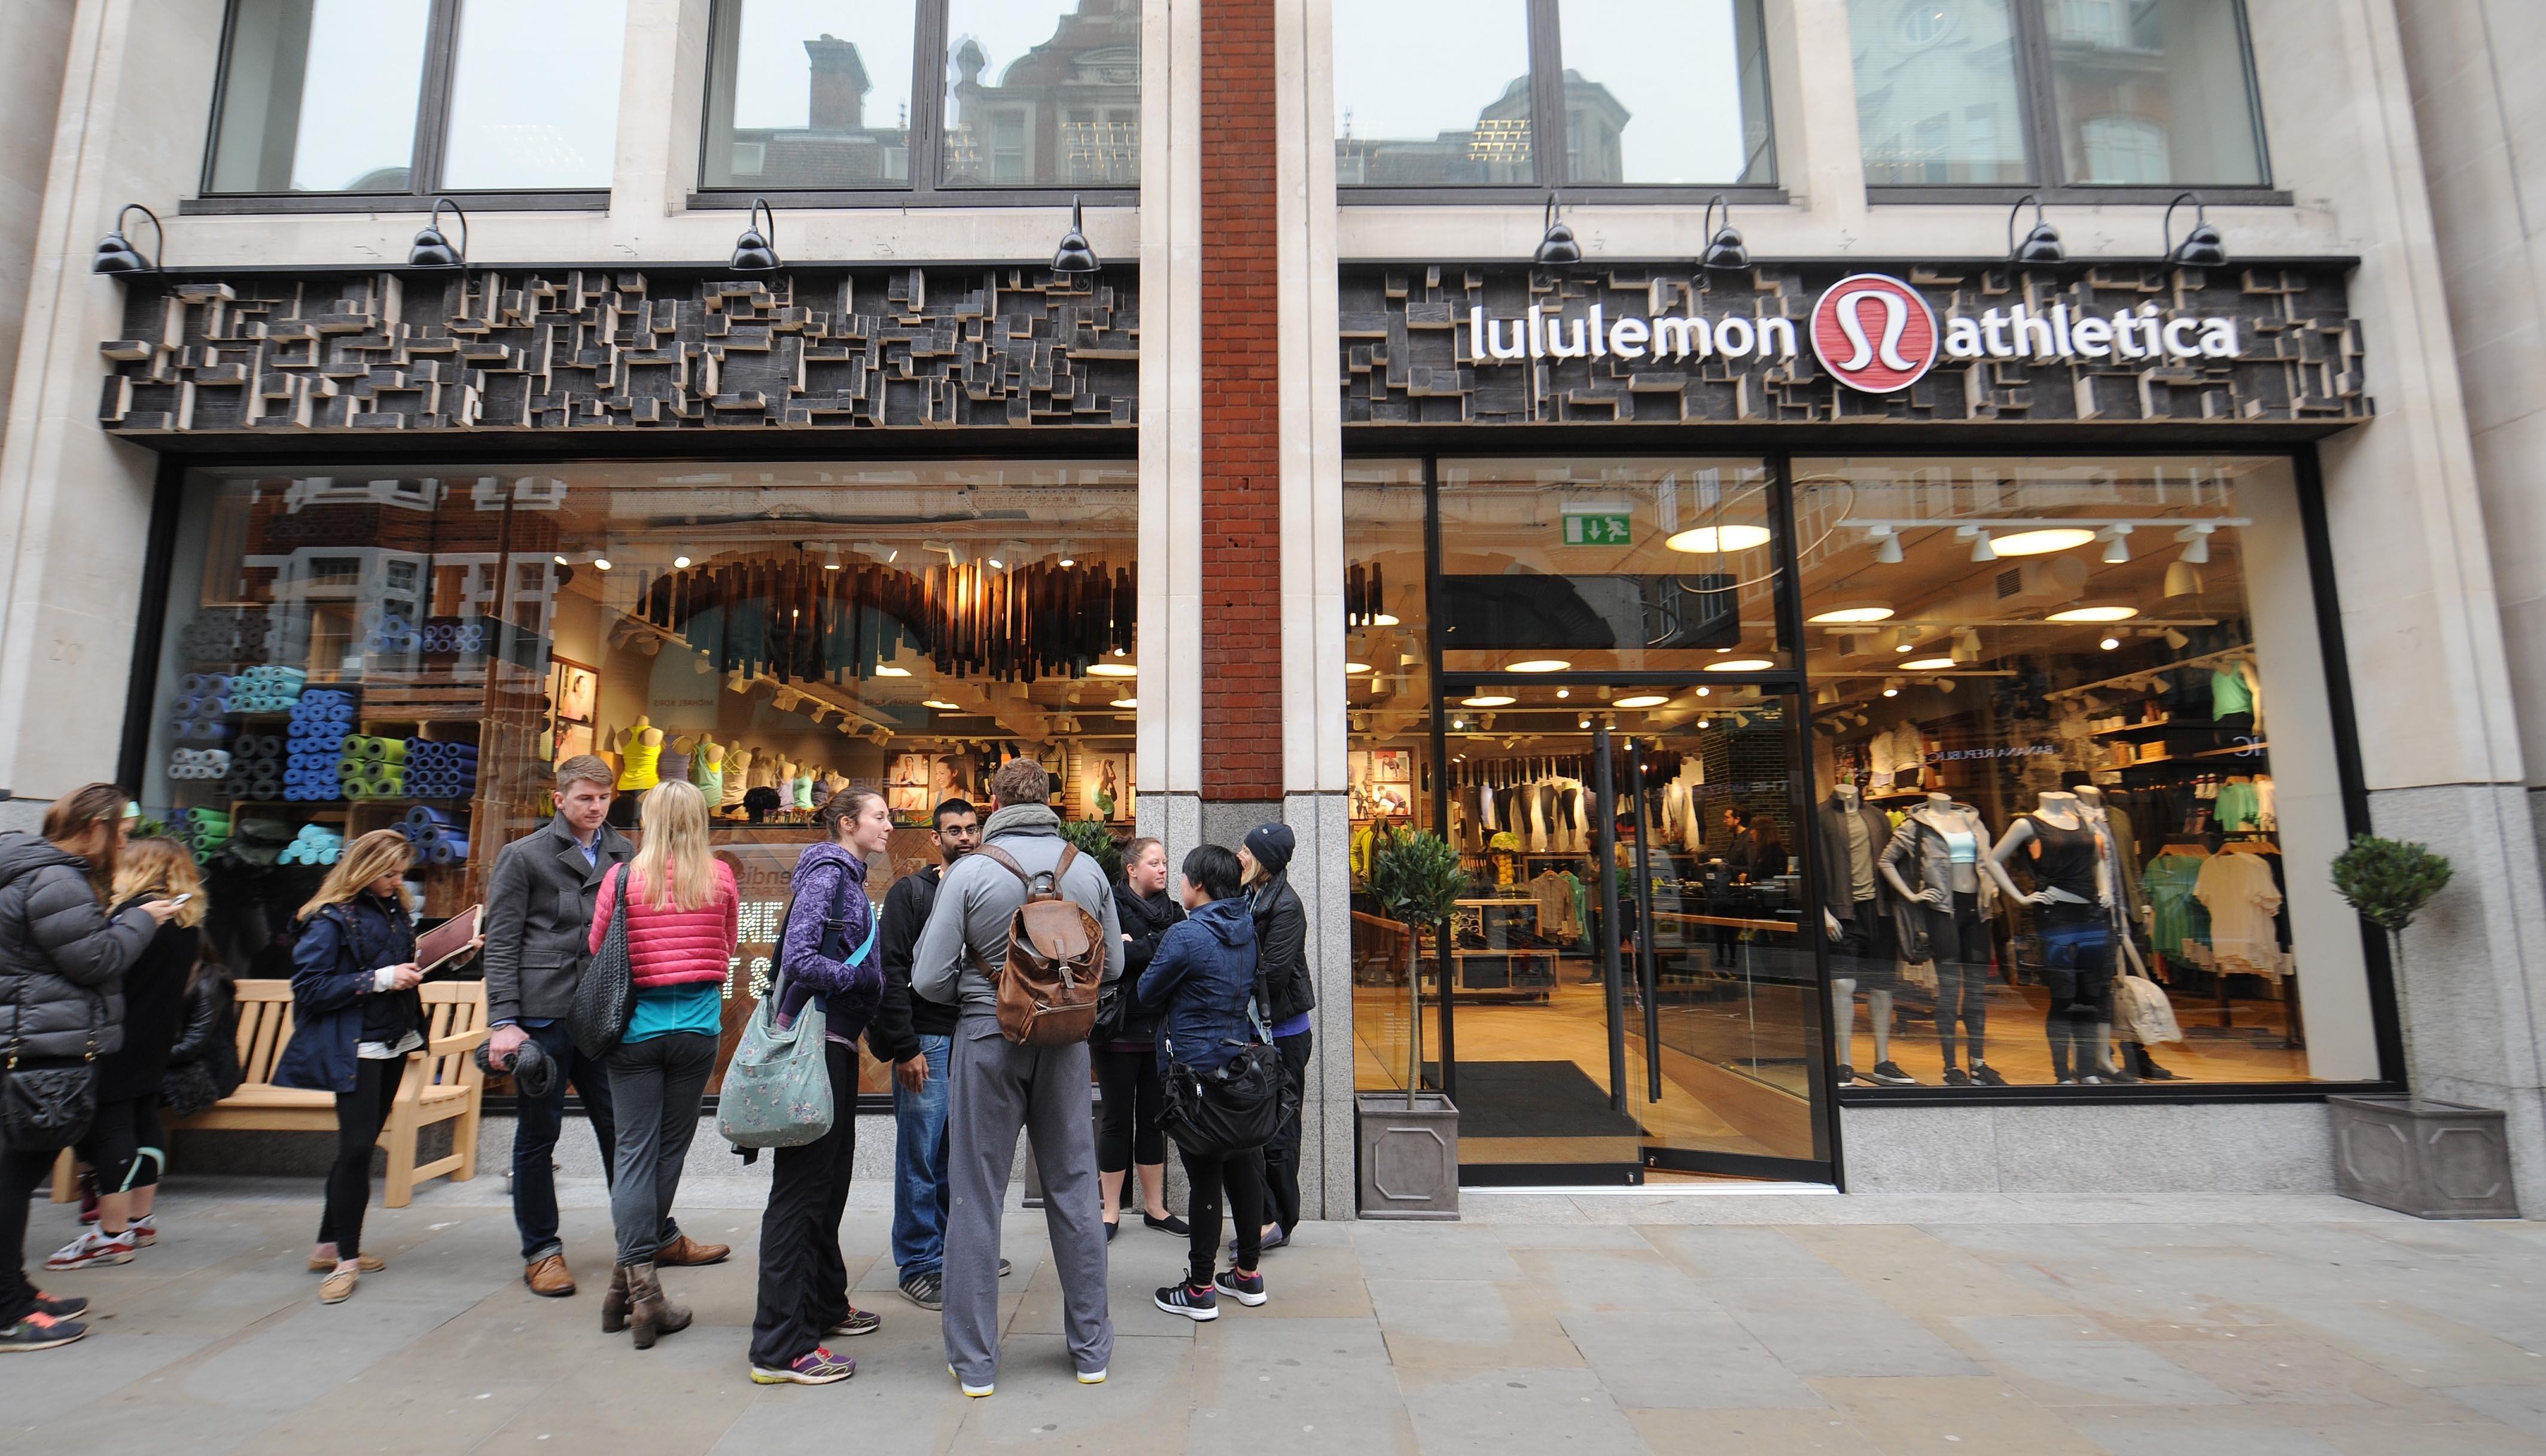 lululemon plans ambitious expansion